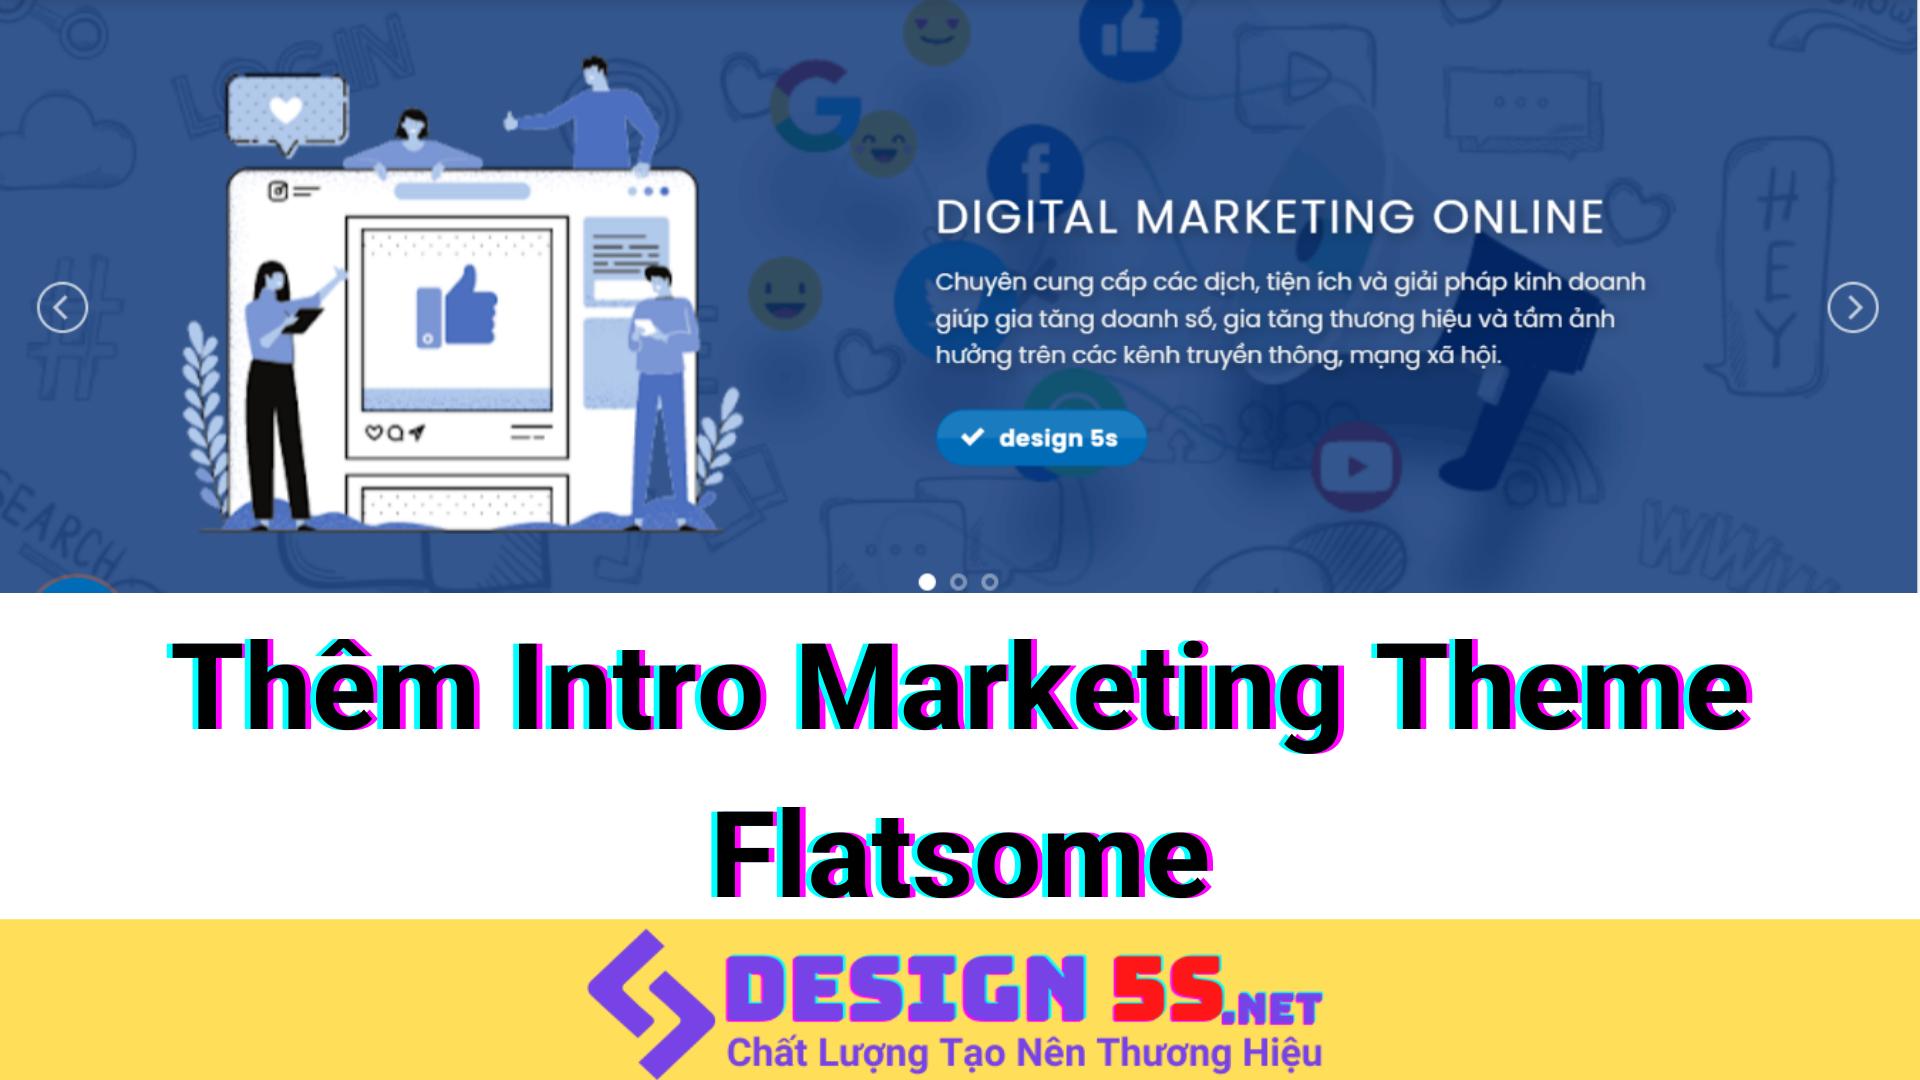 """Thêm intro marketing tuyệt đẹp cho blogspot """"theme flatsome"""" - Ảnh 2"""